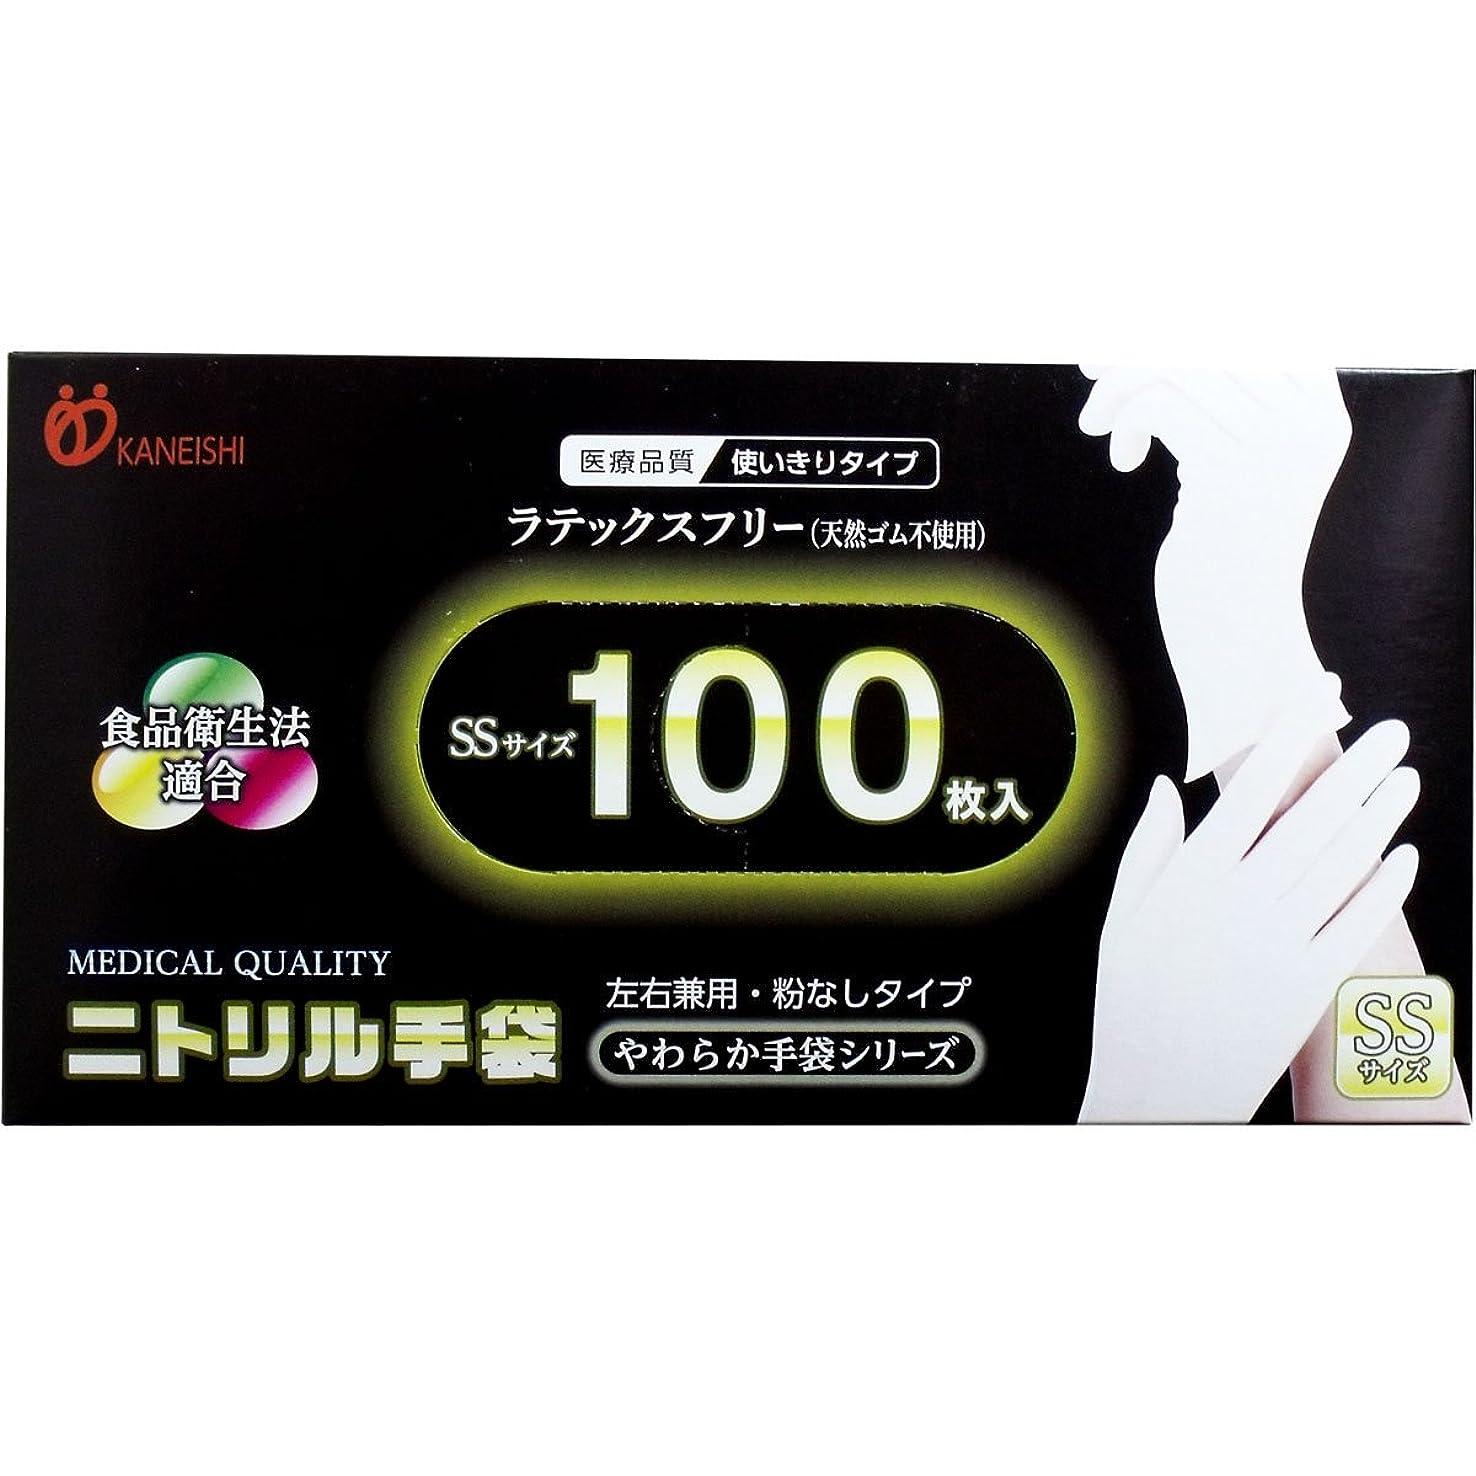 条約ウイルス浅い天然ゴム 手袋 指先の感覚を大切に 衛生的 やわらかニトリル手袋 パウダーフリー 100枚入 SSサイズ